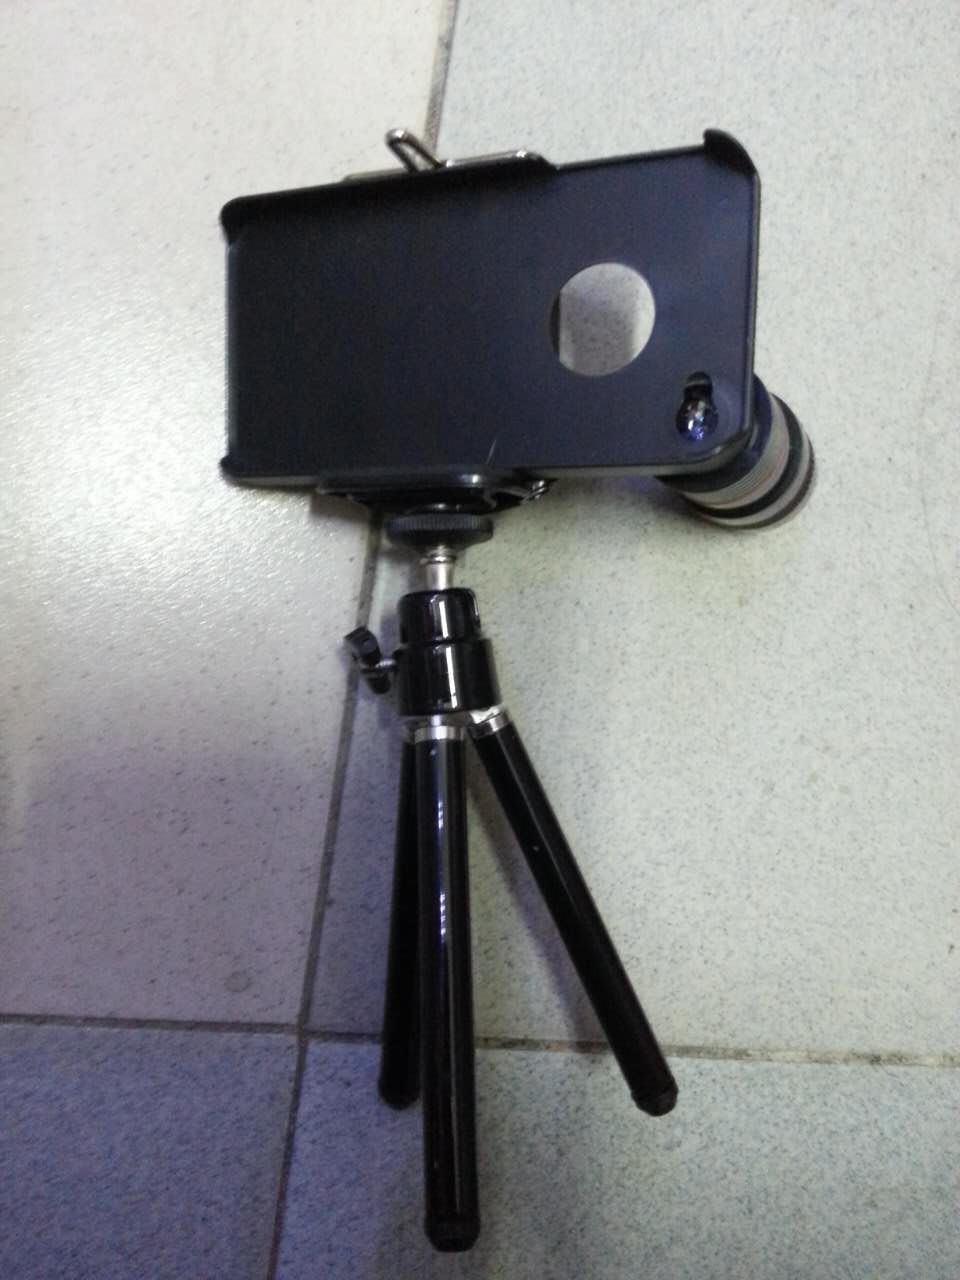 b44350345cc86e Detachable lens for Mobile Phone & Digital Camera - Iphone 4